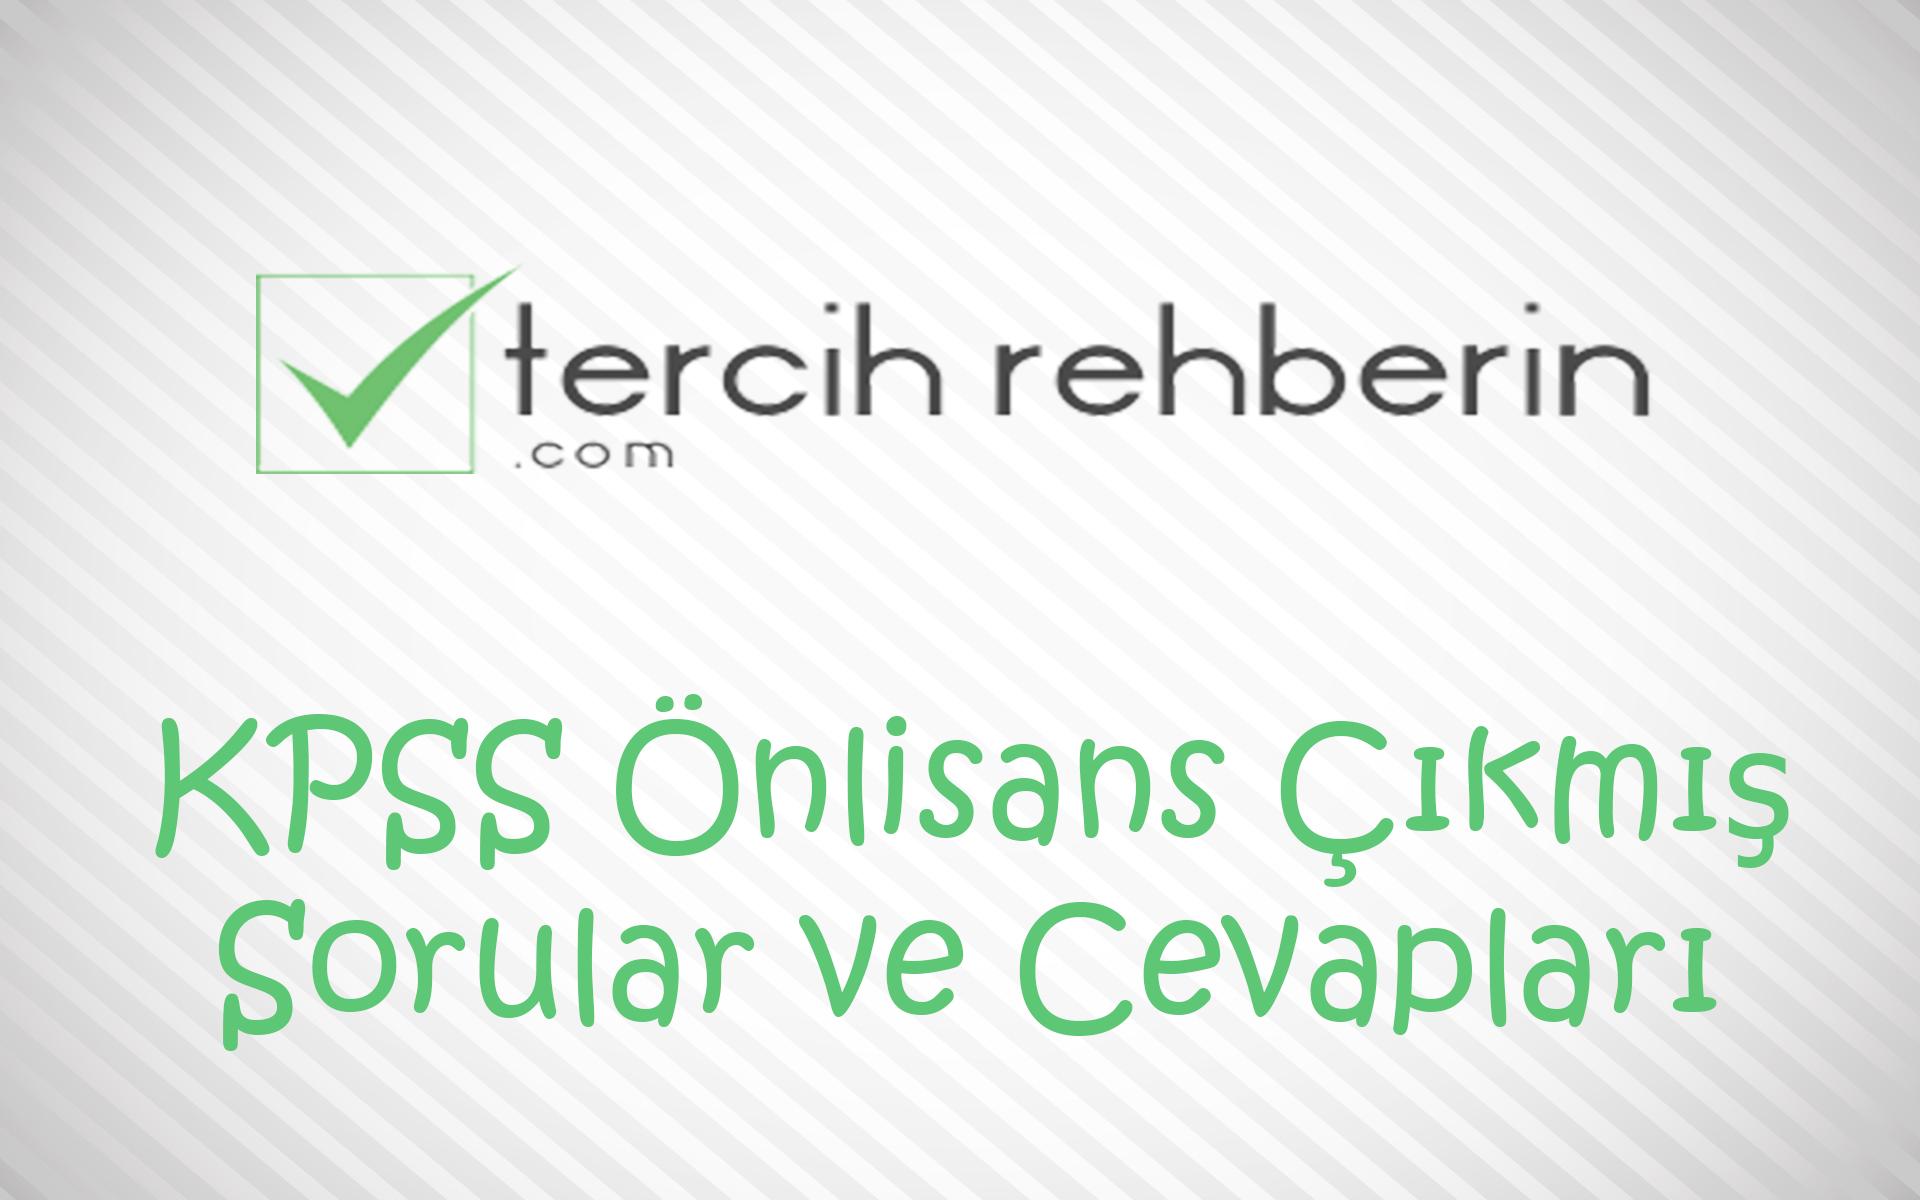 KPSS Önlisans Çıkmış Sorular ve Cevapları